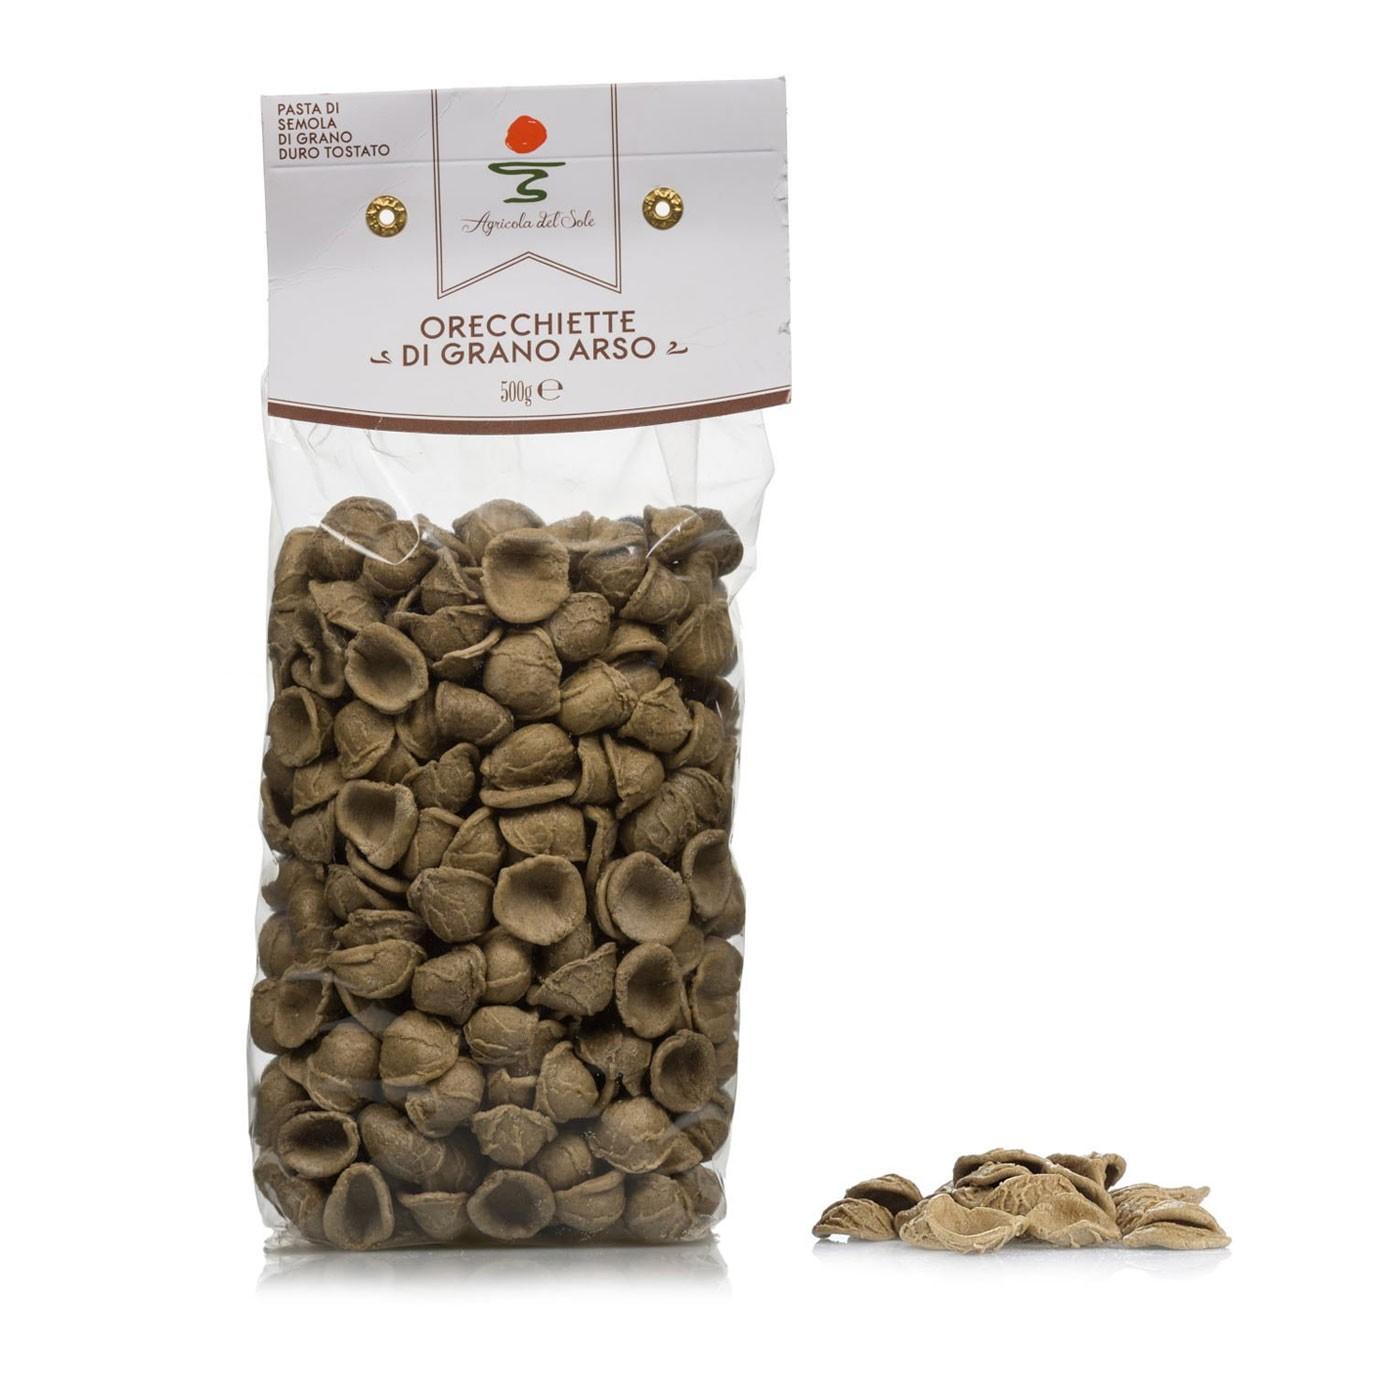 Orecchiette di Grano Arso 17.7 oz - Agricola del Sole | Eataly.com